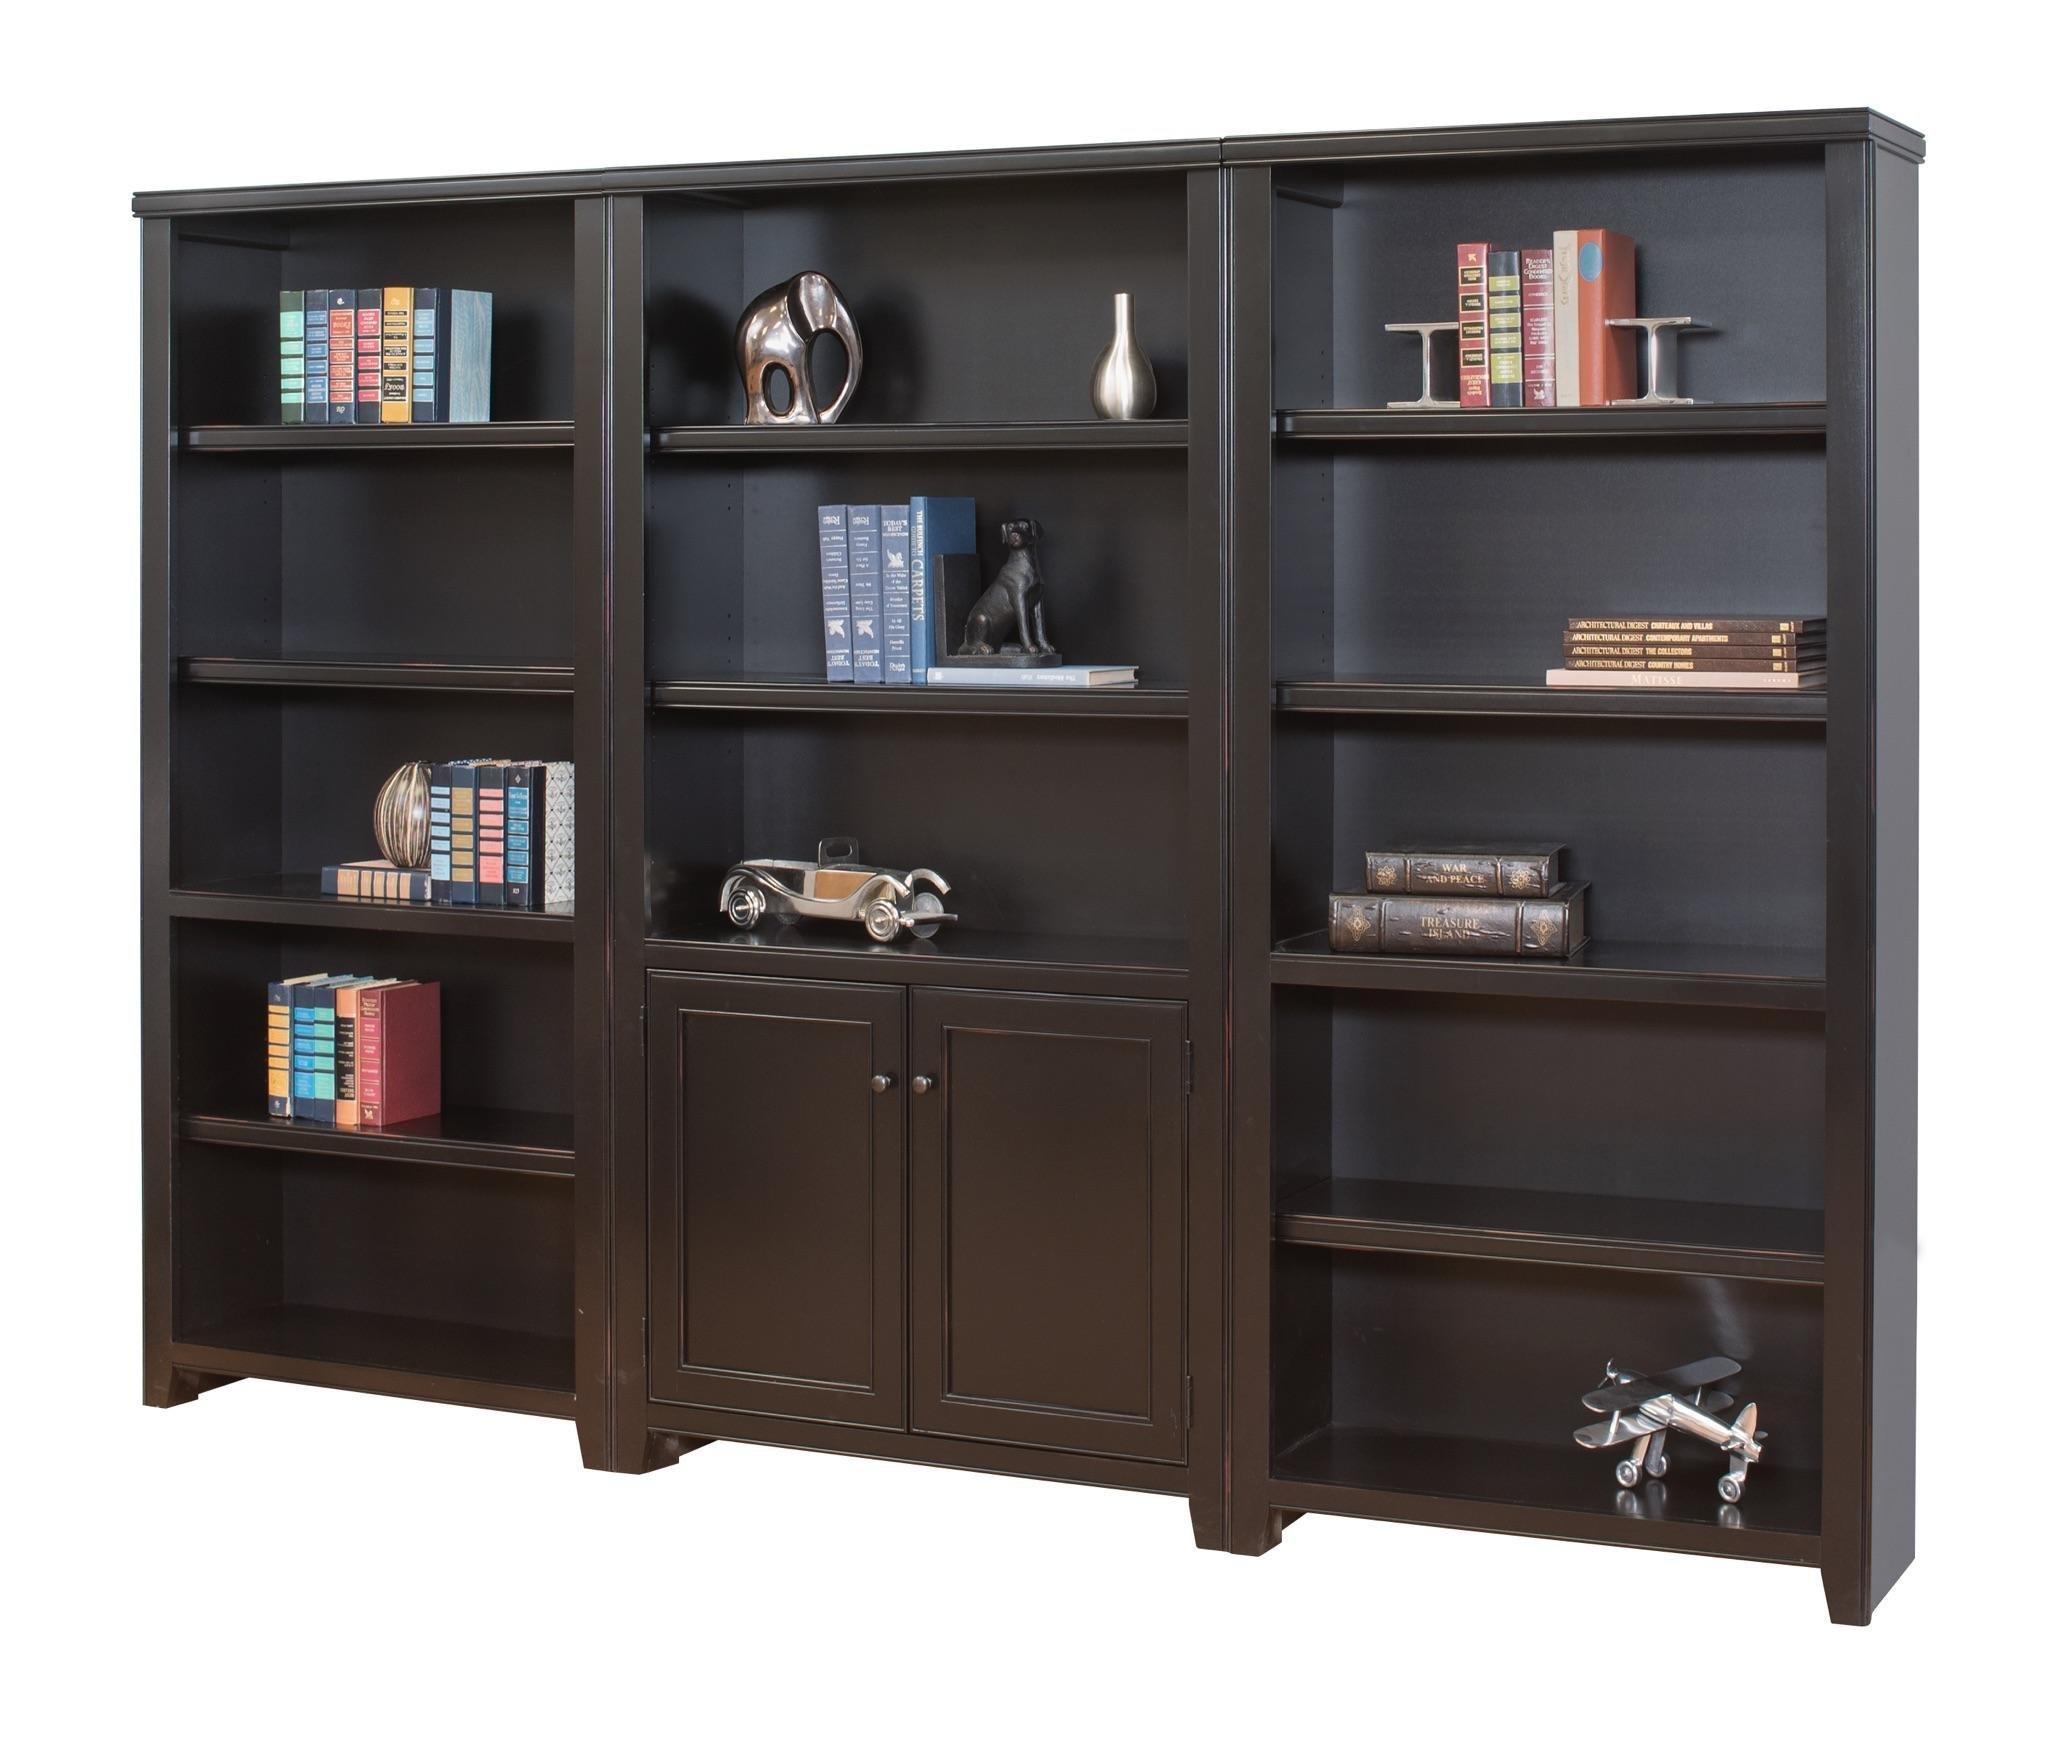 office book shelf office desk bookcase book case bookcase wall amazoncom martin furniture tribeca loft black library bookcase